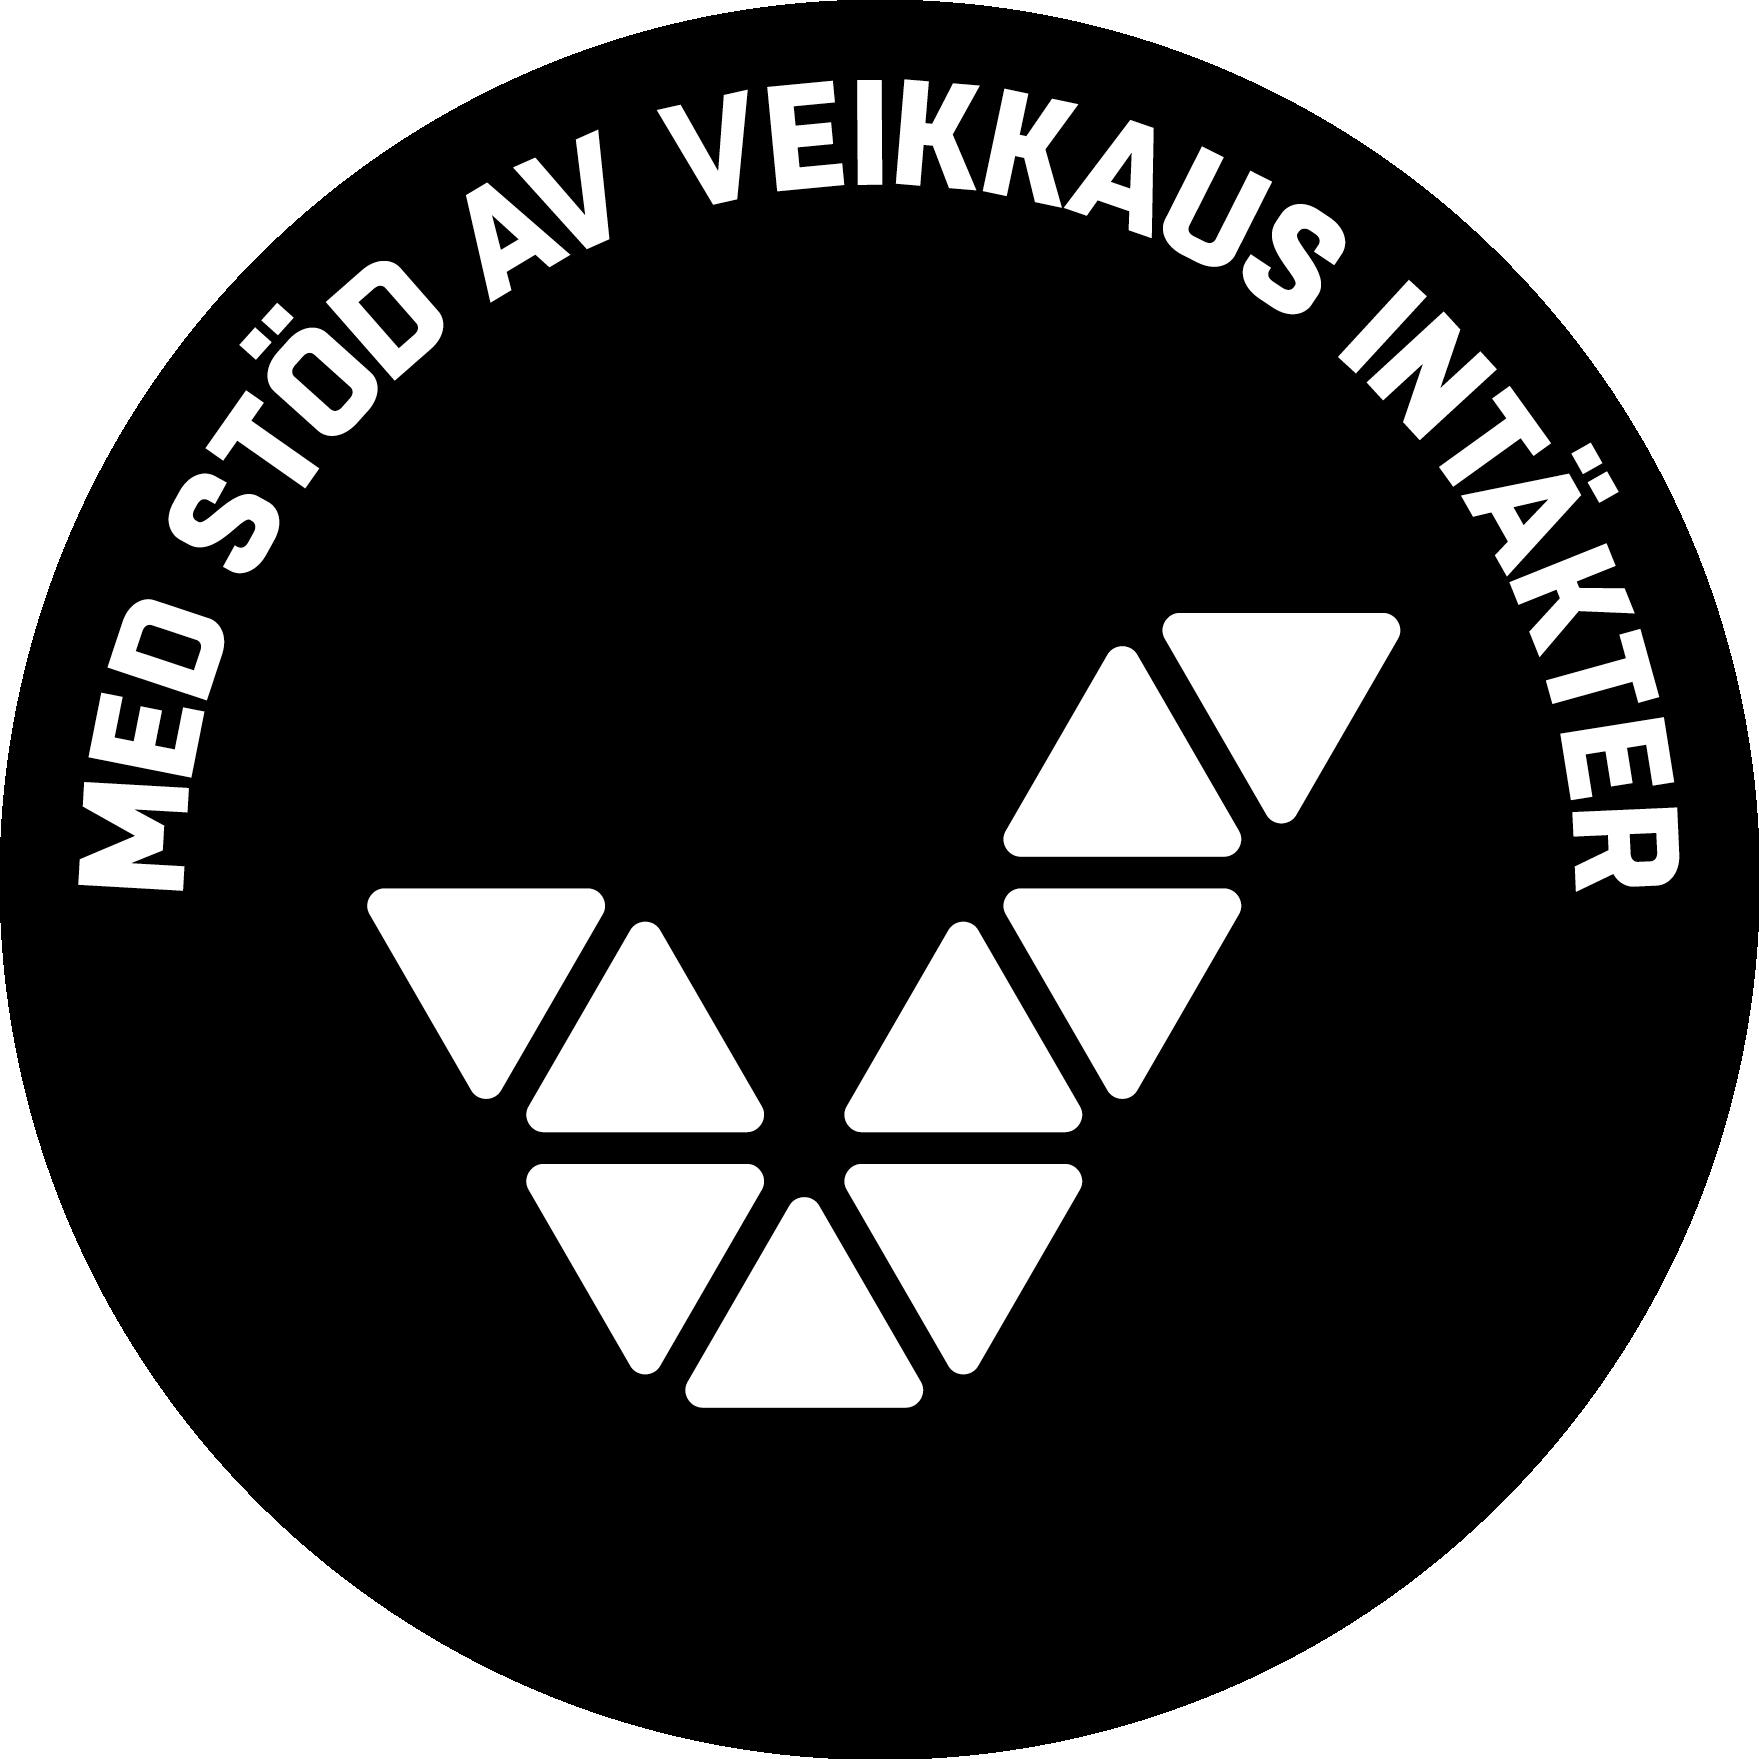 STM Med stöd av Veikkaus intäkter